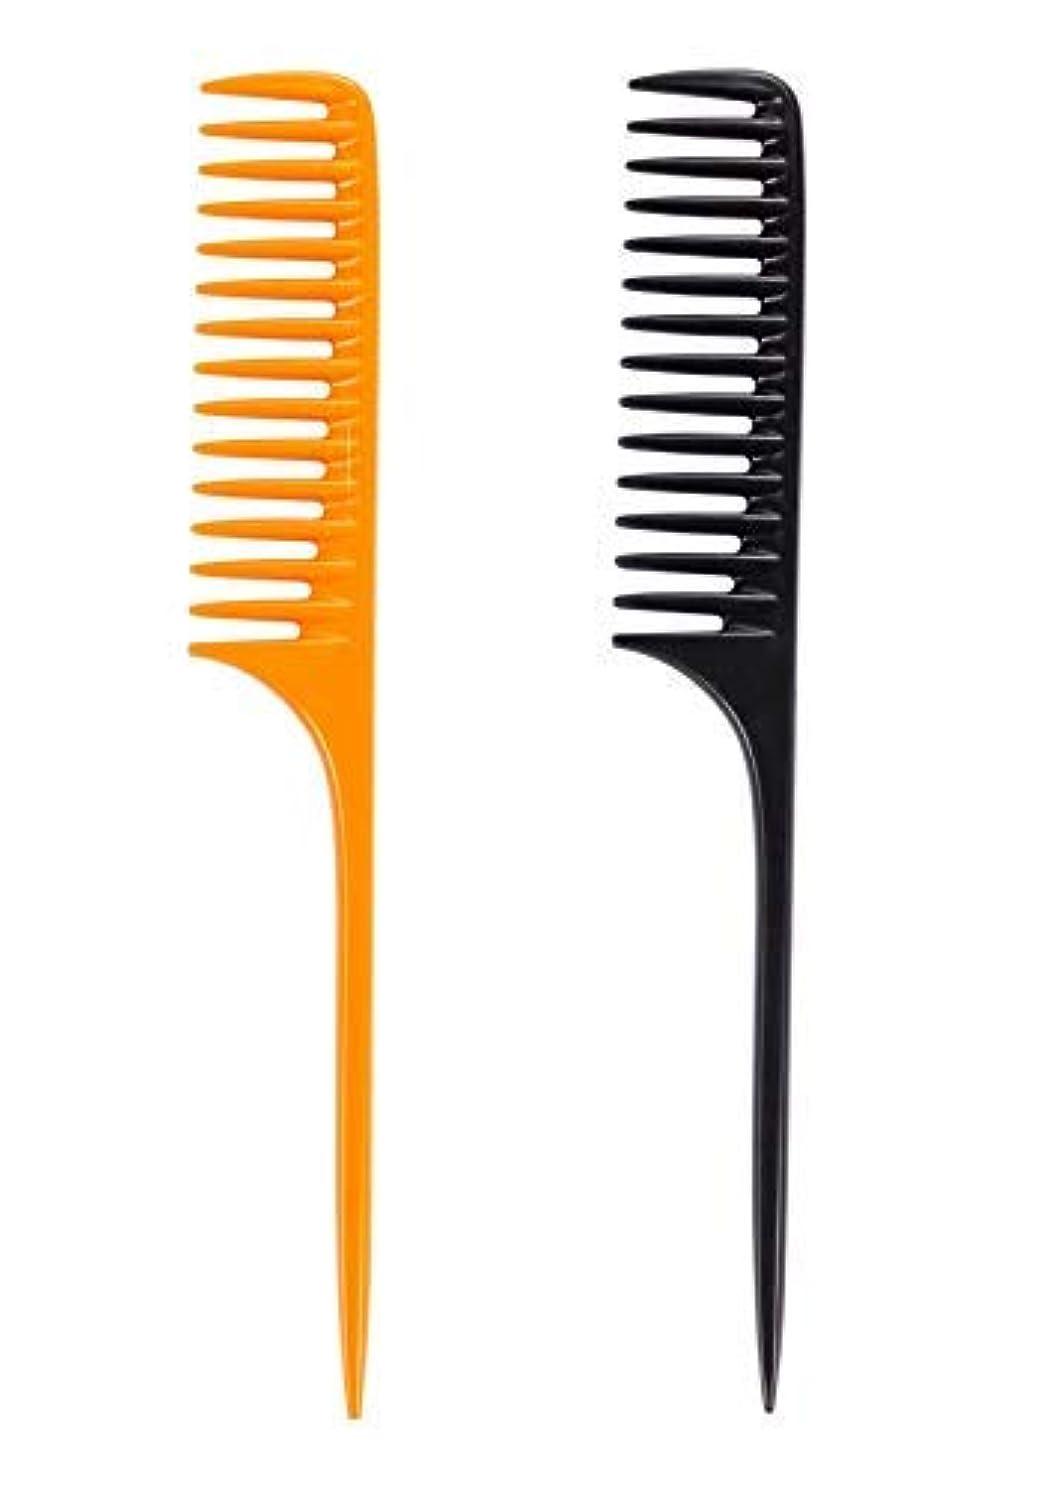 自動化編集する滝Louise Maelys 2pcs Wide Tooth Rat Tail Comb for Curly Hair Styling Detangle Hair Combs Black and Yellow [並行輸入品]